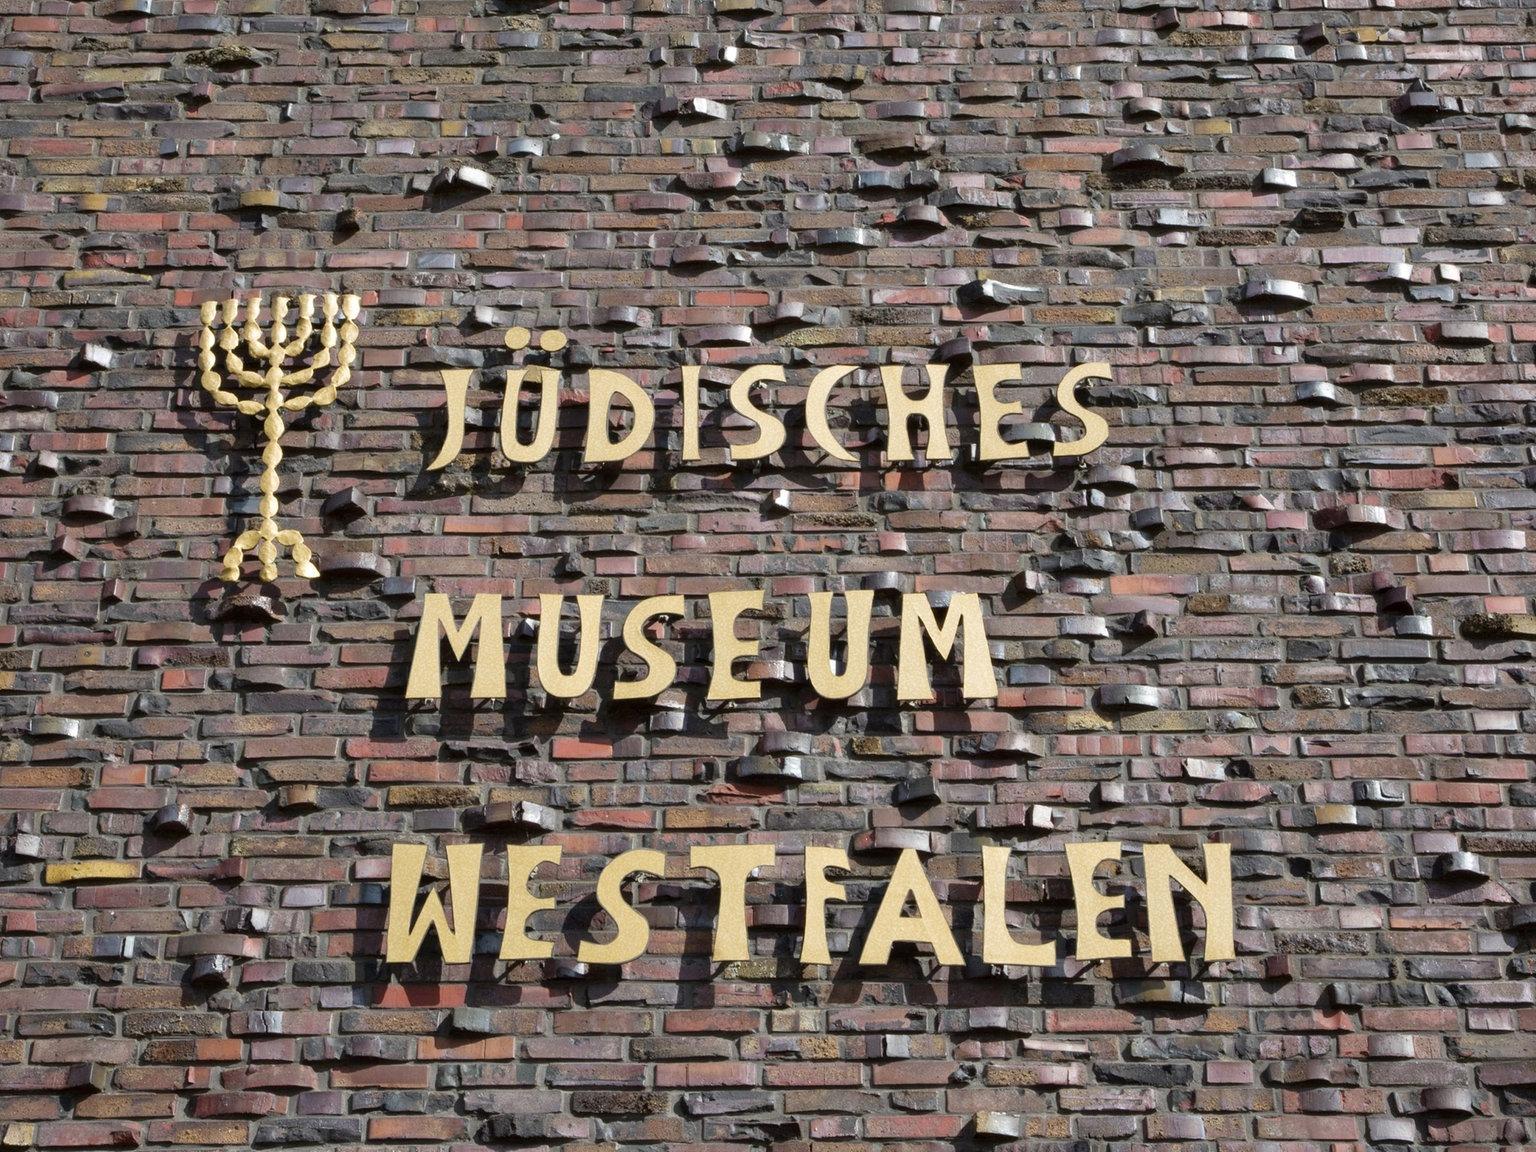 Jüdisches Museum Westfalen: Erstmals hauptamtliche Direktorin - WDR 3  Jüdisches Leben - WDR 3 - WDR Audiothek - Mediathek - WDR